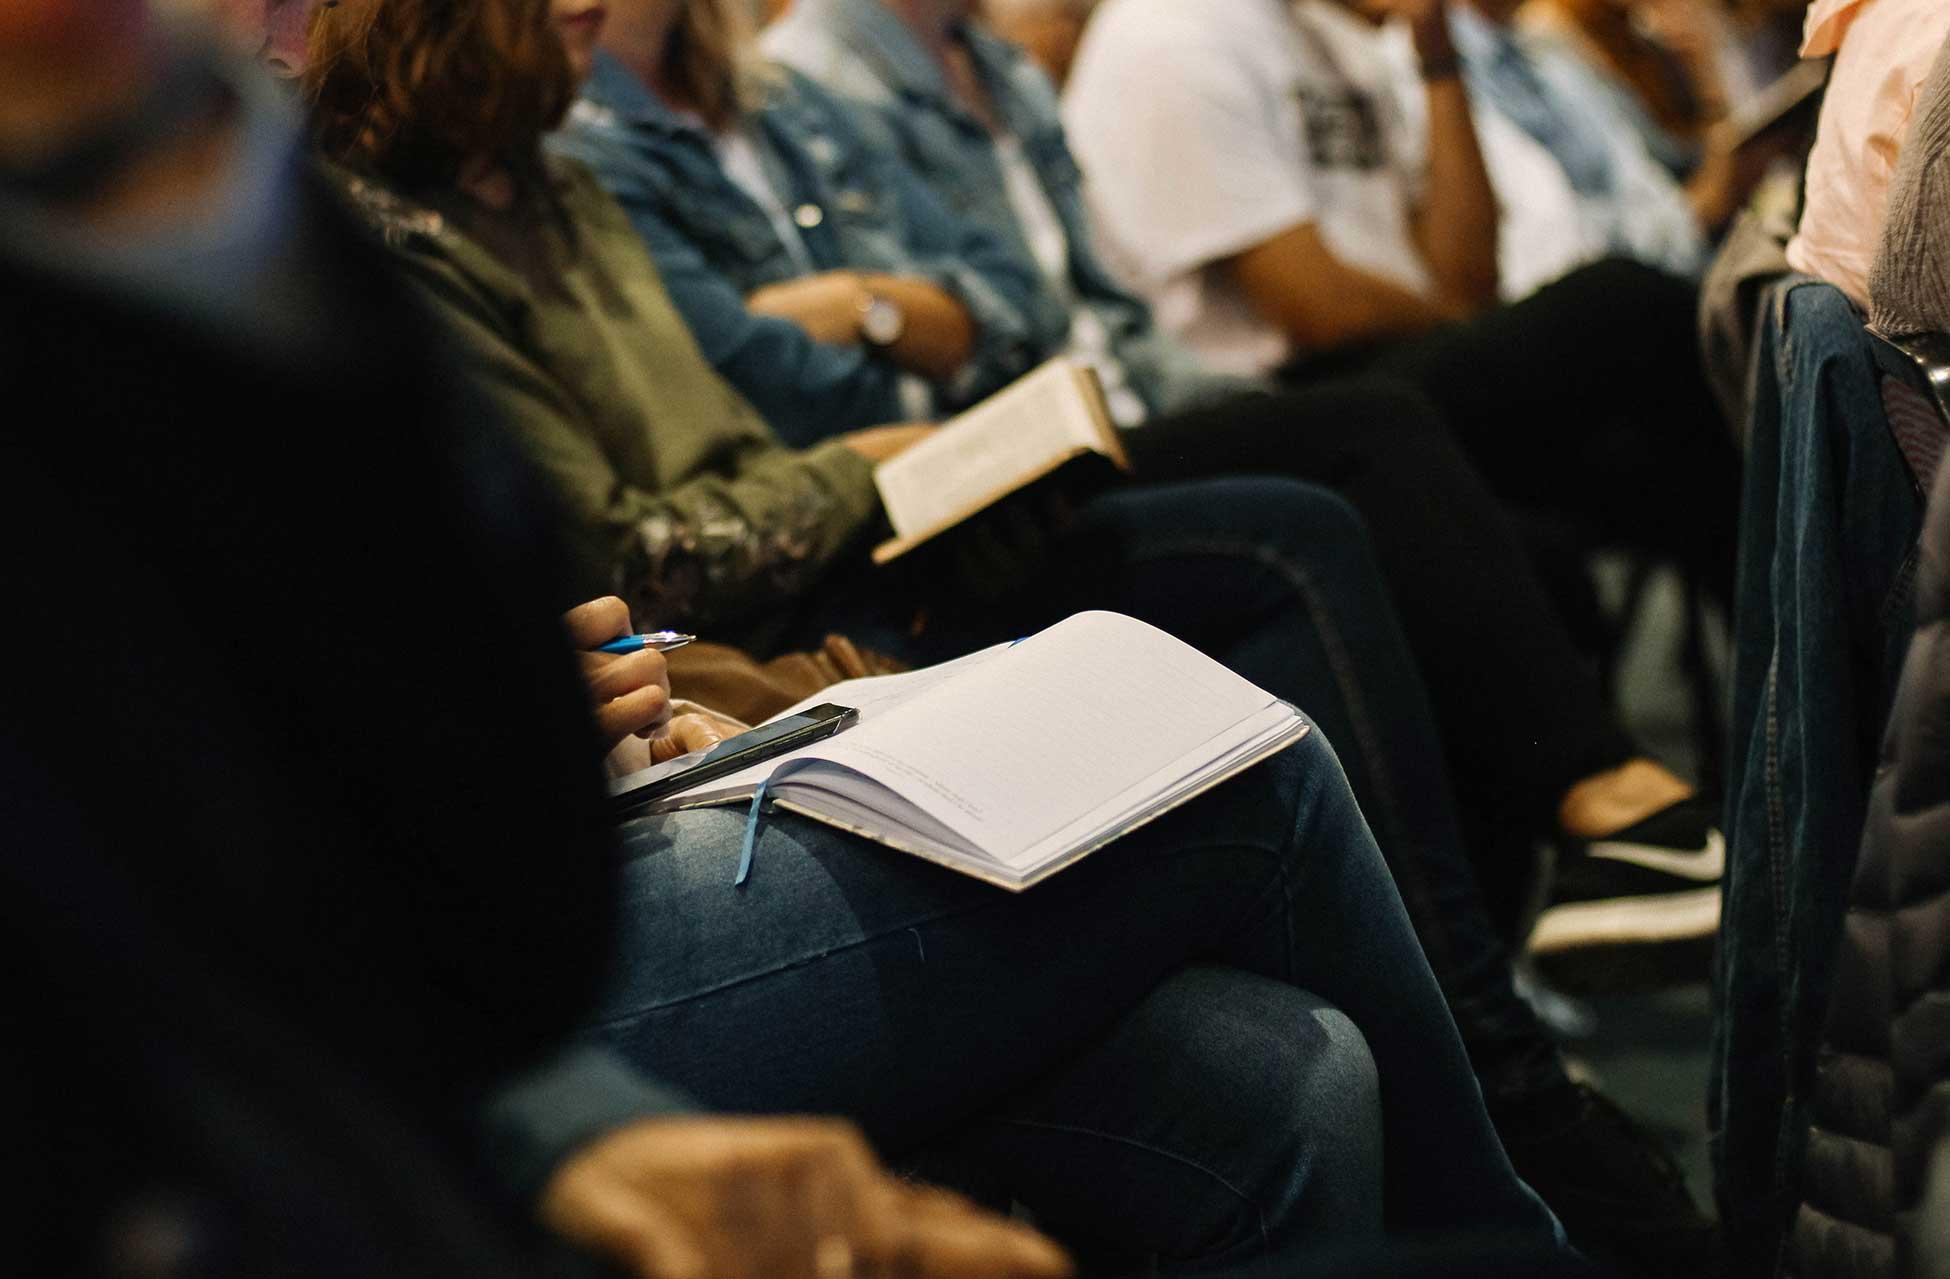 Menschen machen sich während einer Veranstaltung Notizen